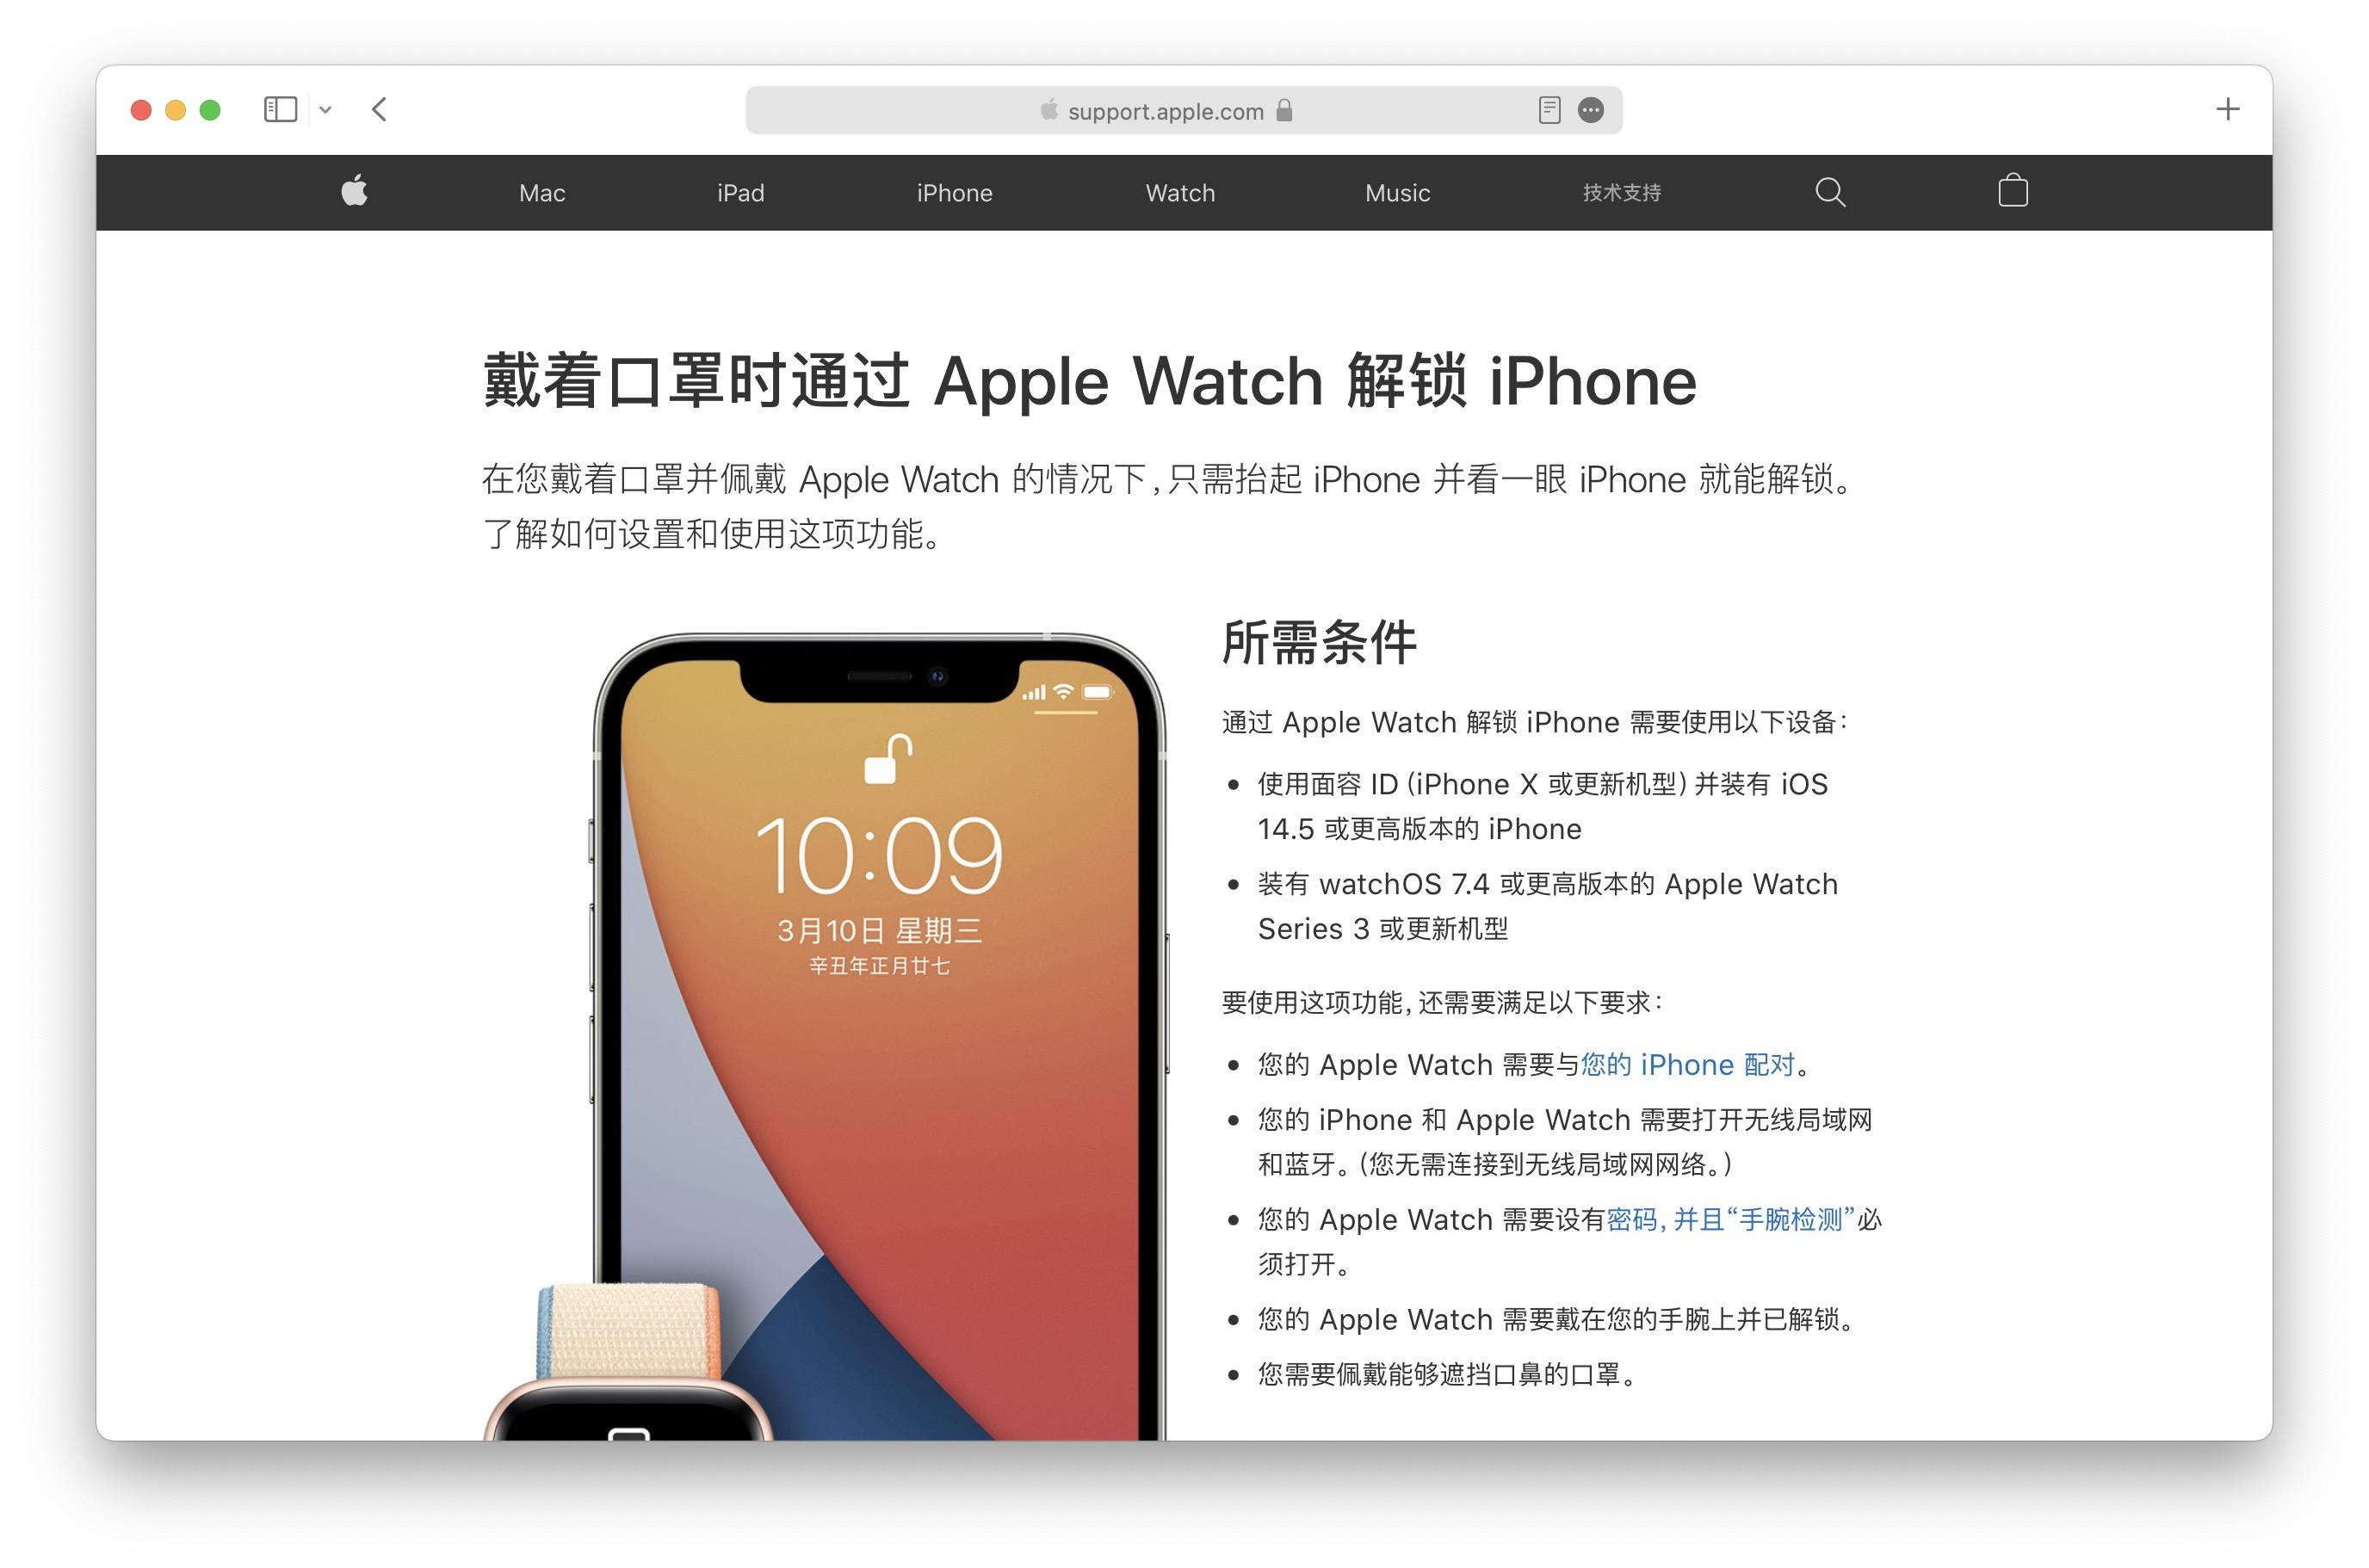 多名用户反馈 Apple Watch 解锁 iPhone 功能失灵